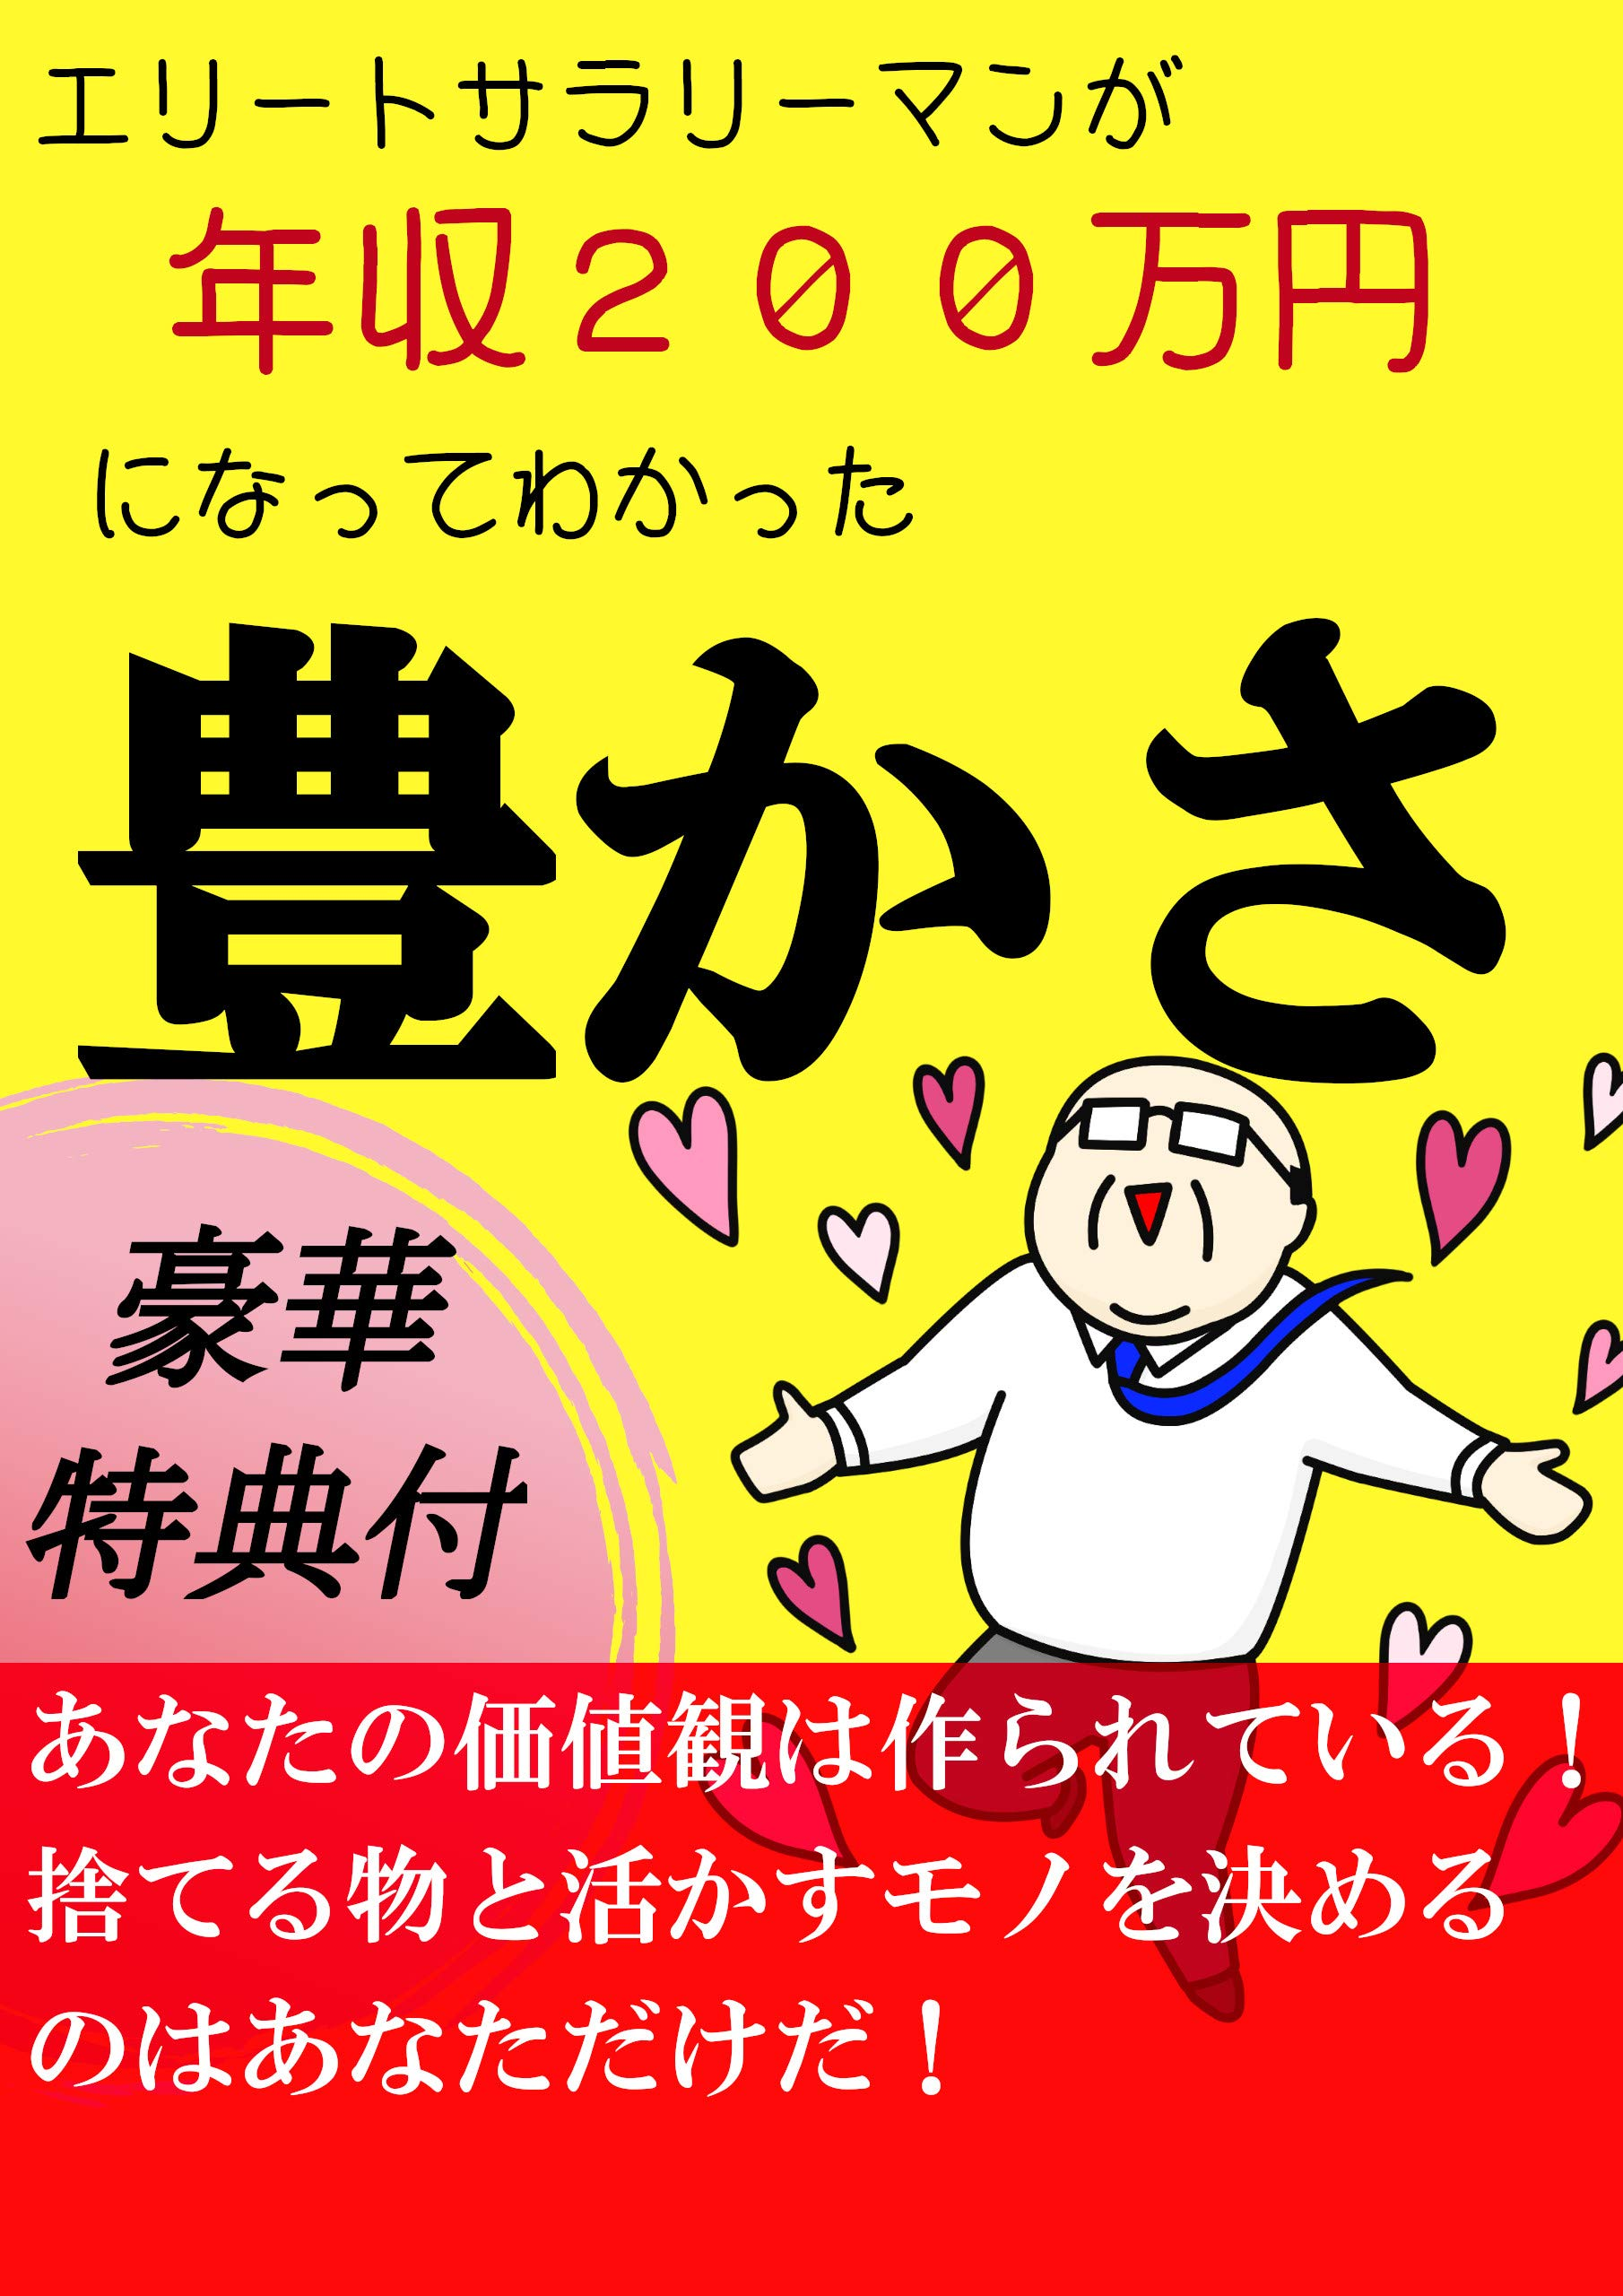 eritosararimanganensyuunihyakumanenn (Japanese Edition)